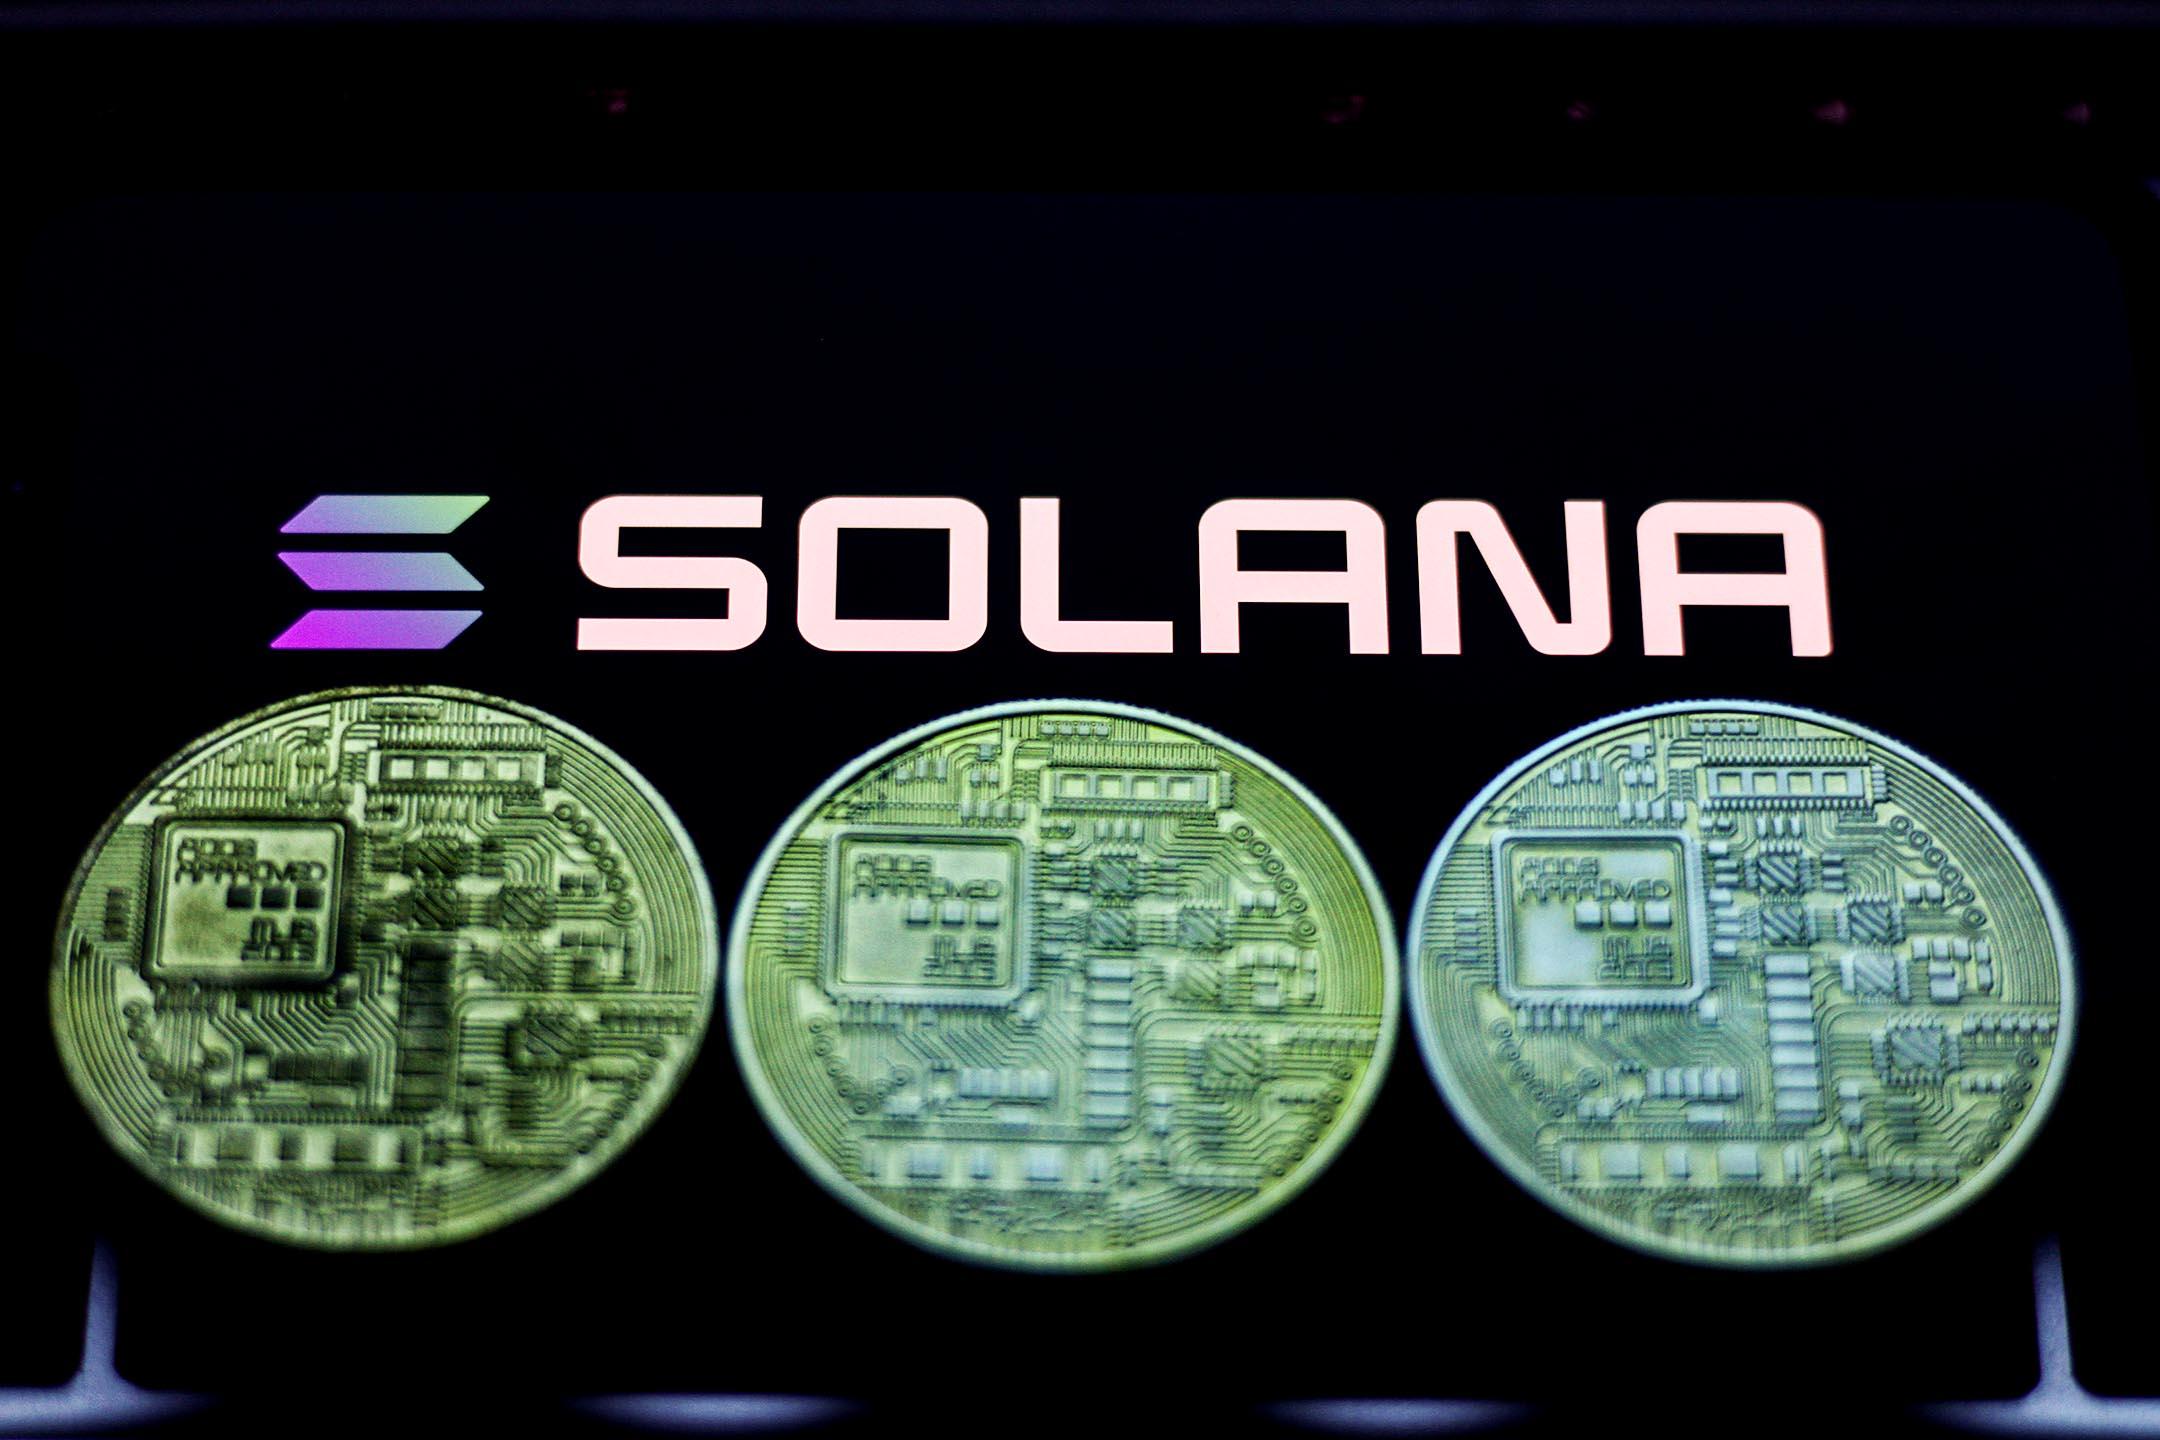 2021年8月21日波蘭克拉科夫,手機屏幕上顯示Solana徽標。